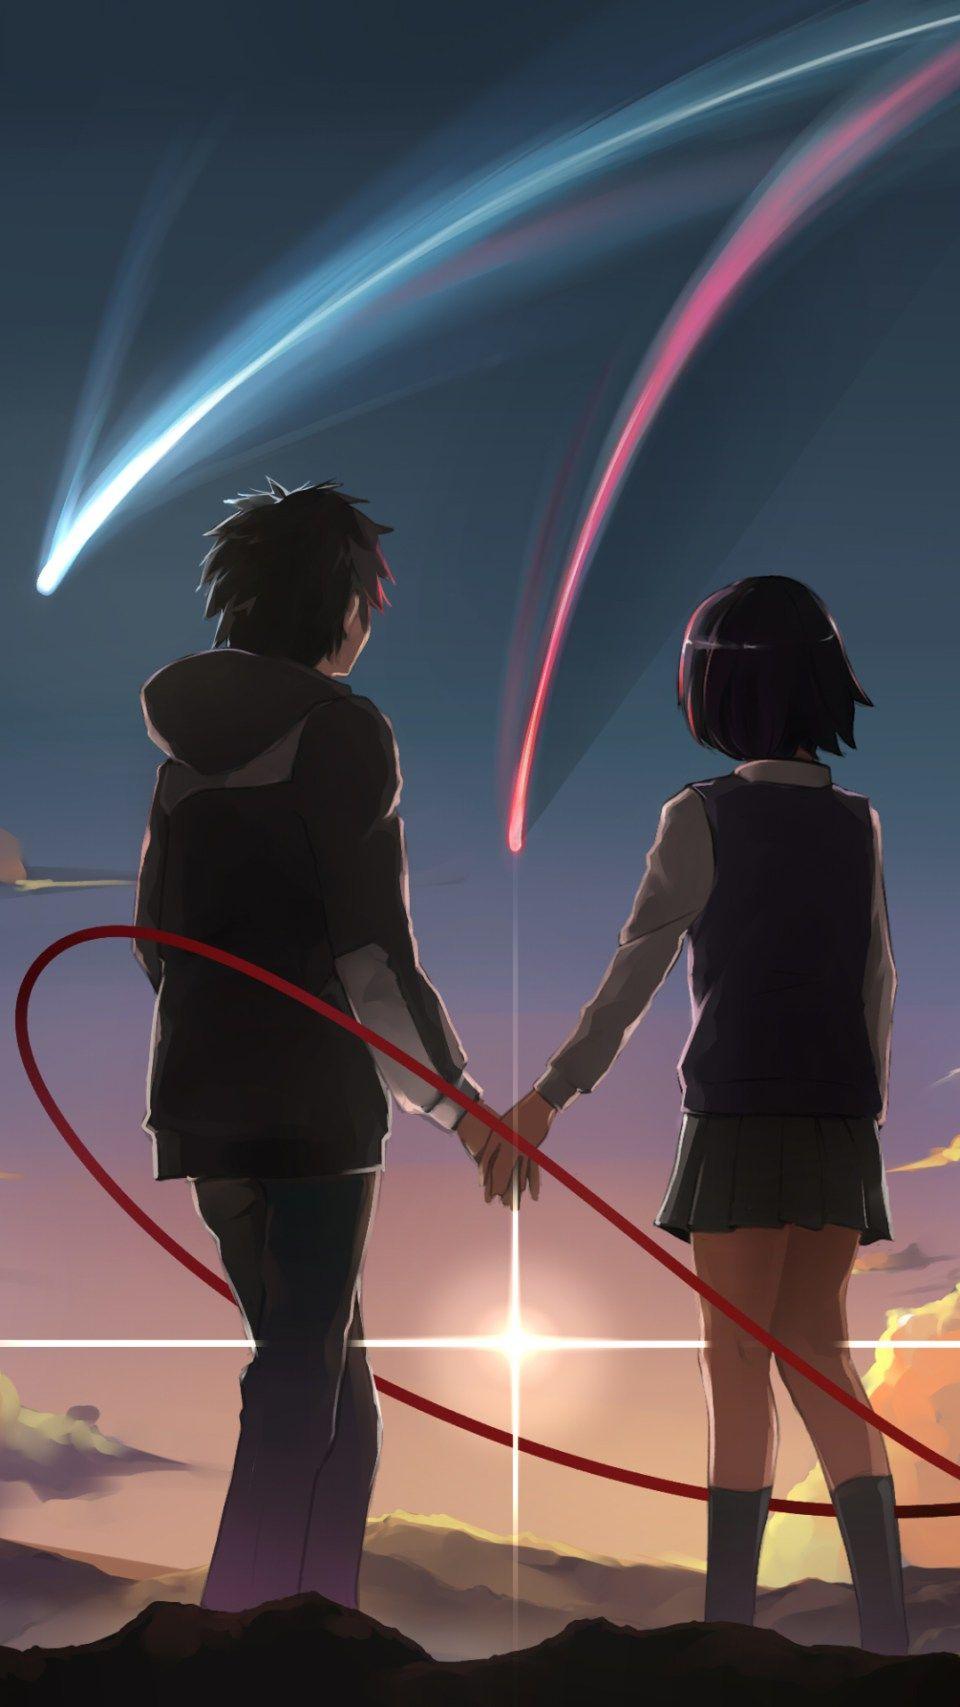 Your Name Fotografi Remaja Pasangan Animasi Komik Romantis